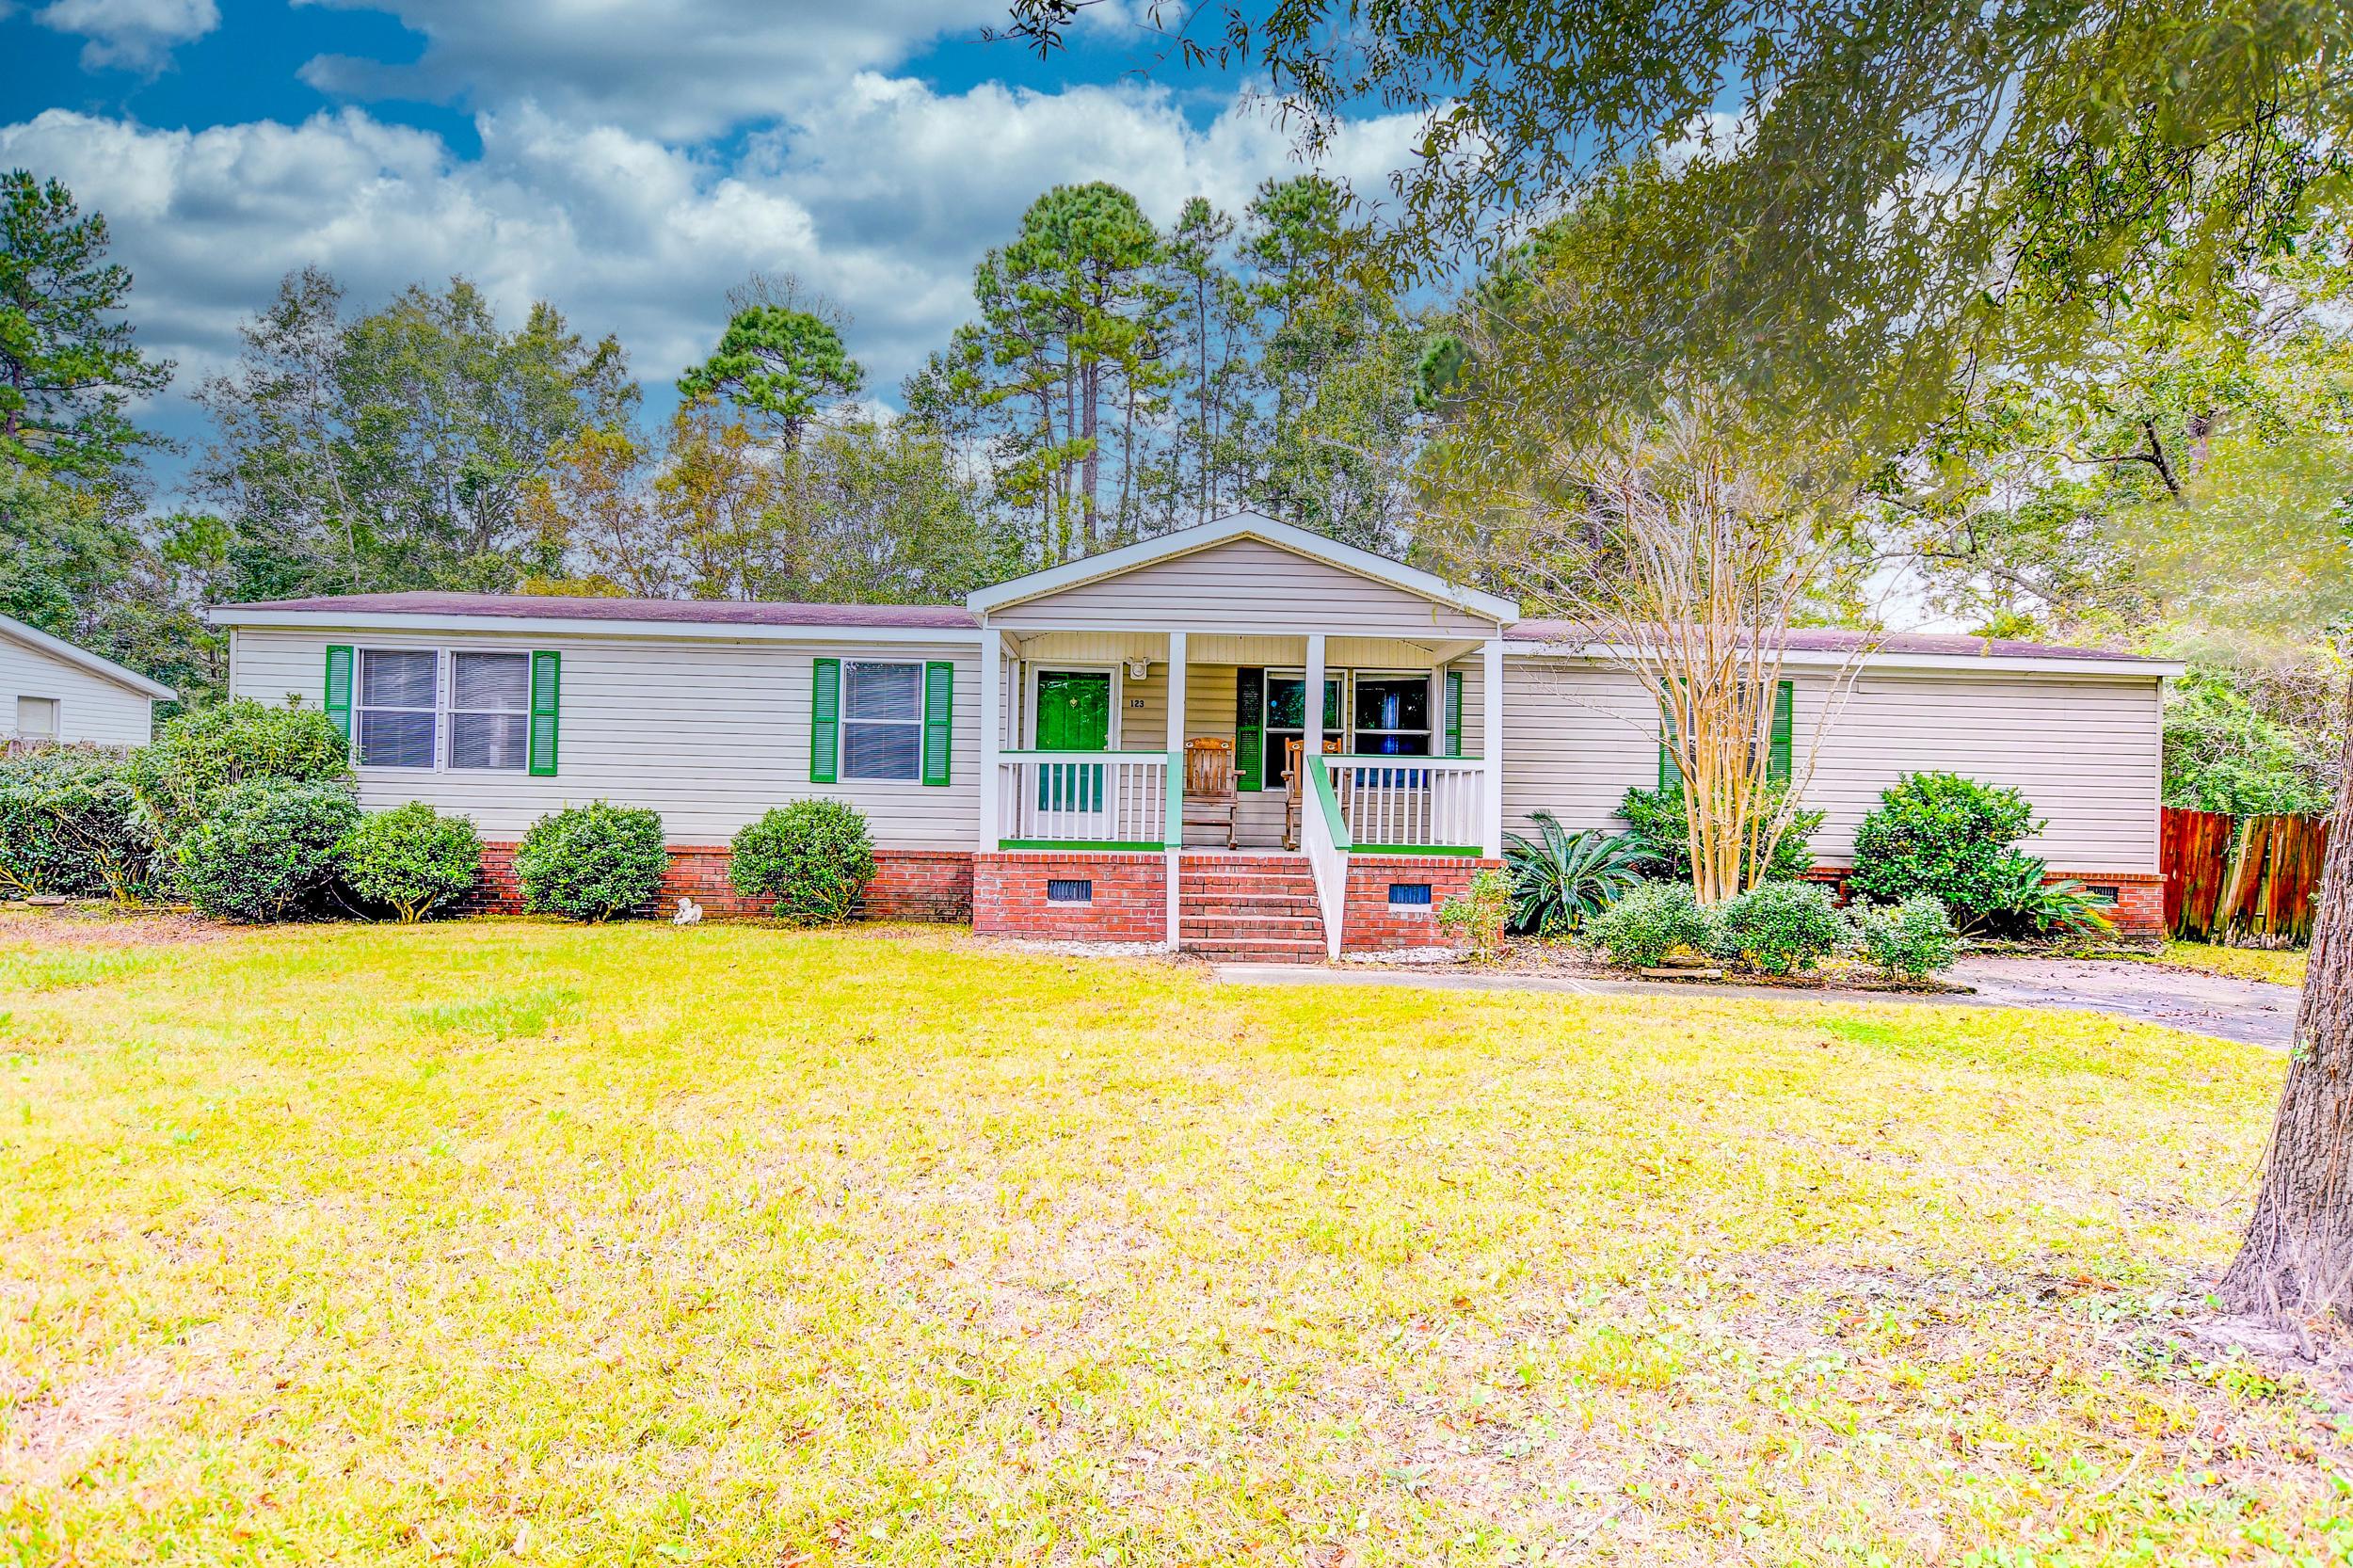 Clemson Terrace Homes For Sale - 123 Colkitt, Summerville, SC - 12